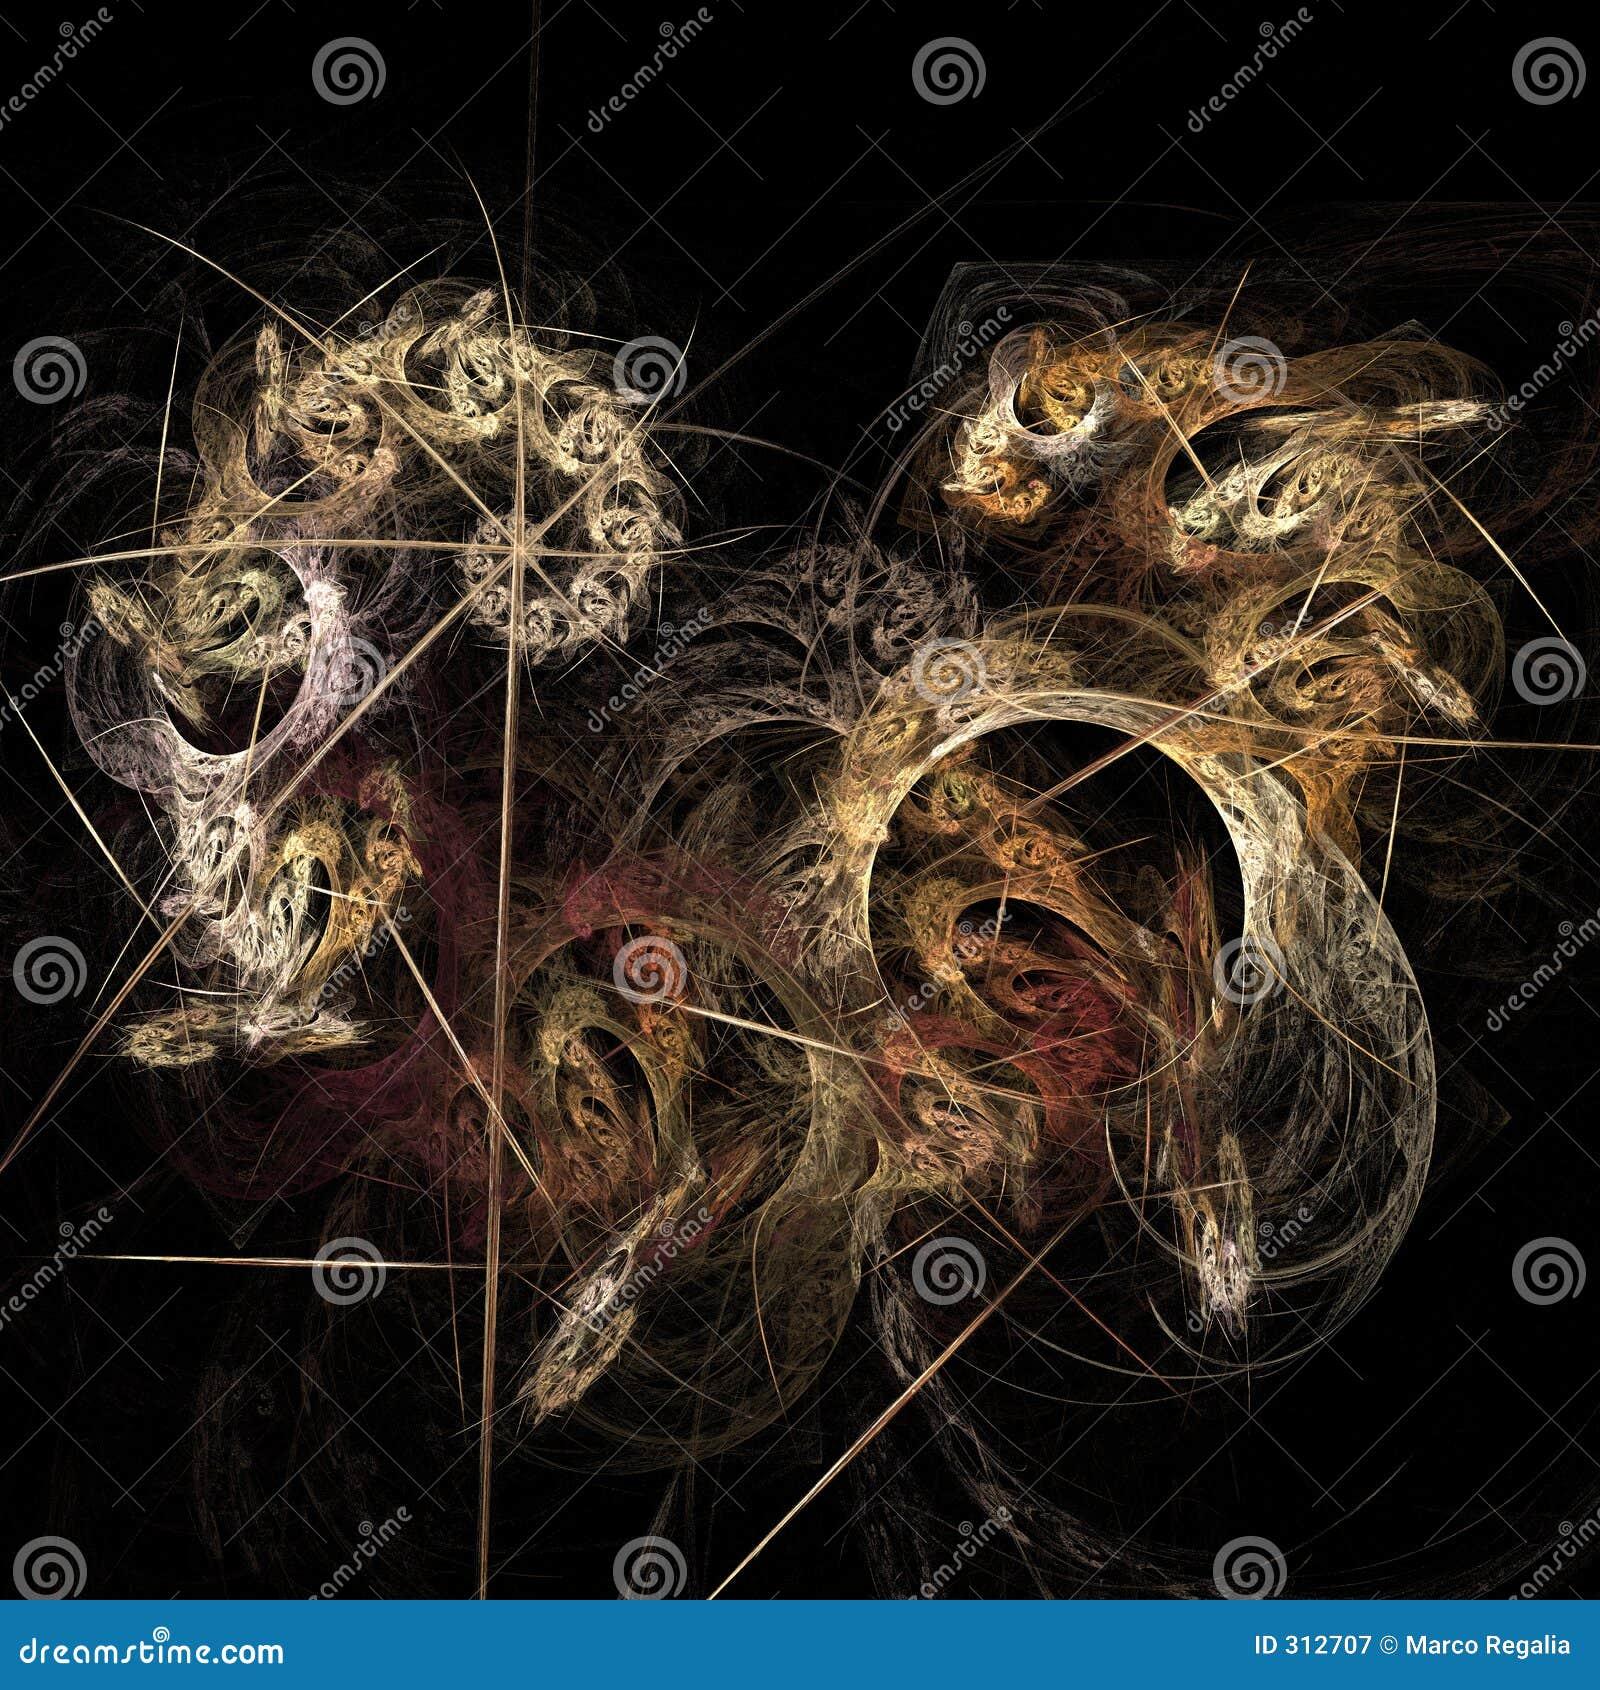 Abstrakcjonistycznej sztuki sztuczne płomienia komputerowy fractal wywołało obraz iteratywnego